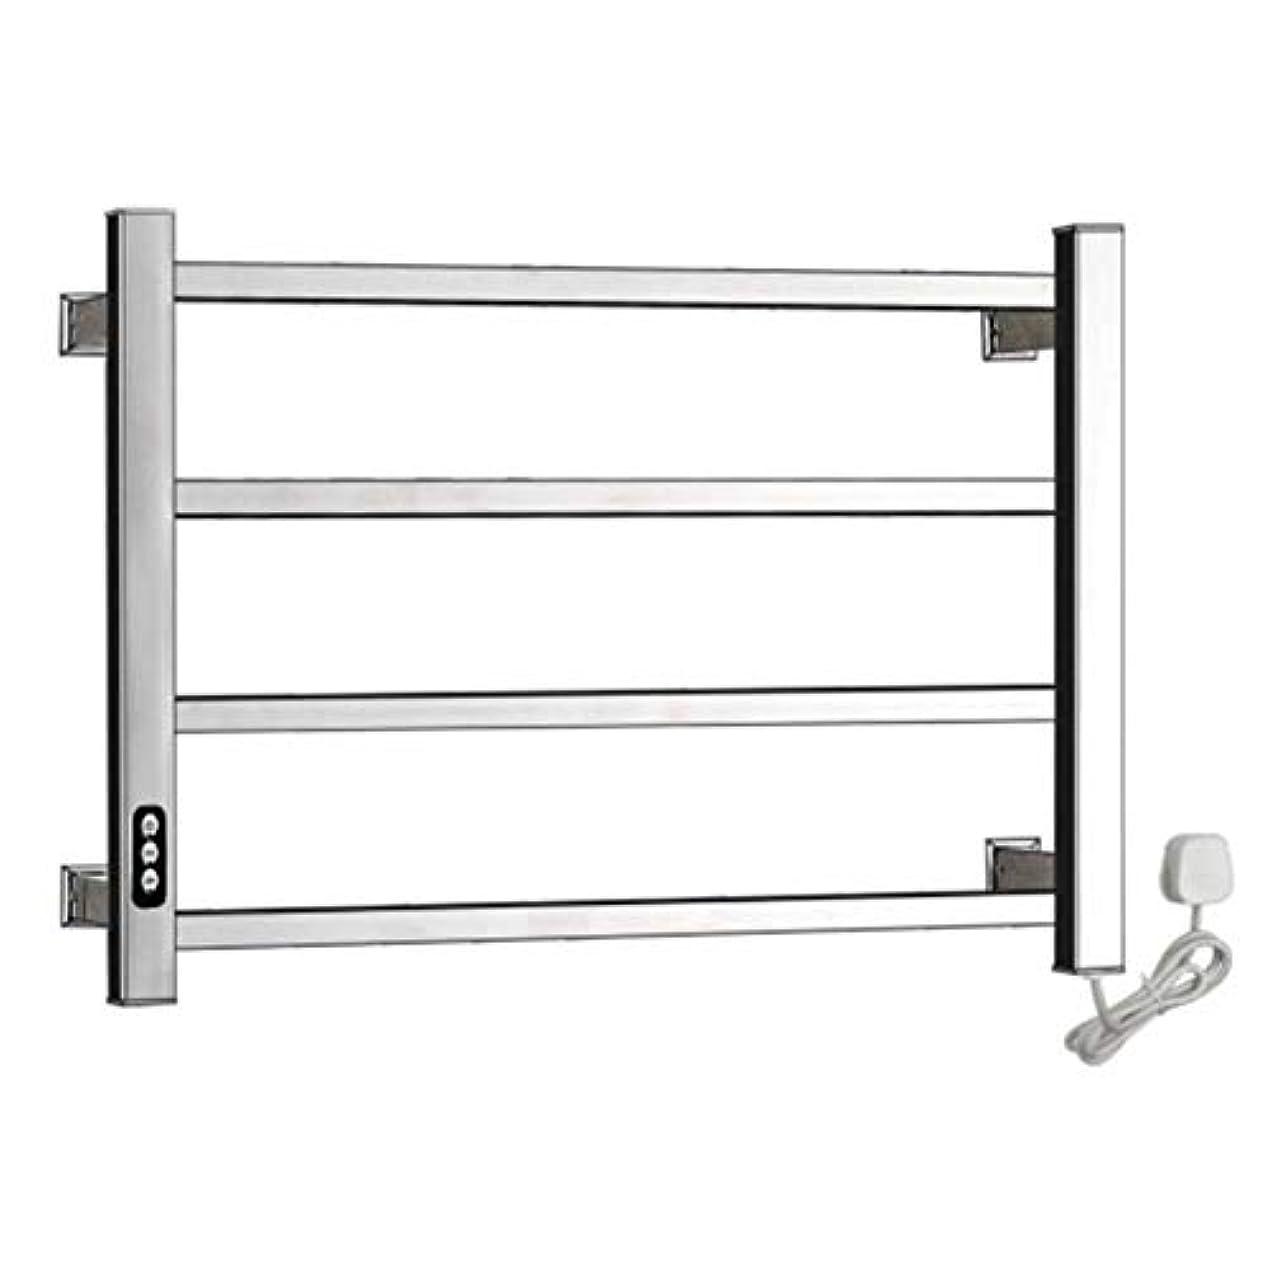 304ステンレス鋼電気タオルウォーマー、加熱タオルラックラジエーター、壁掛け式浴室乾燥ラック、恒温乾燥、防水および防錆、450X600X110mm